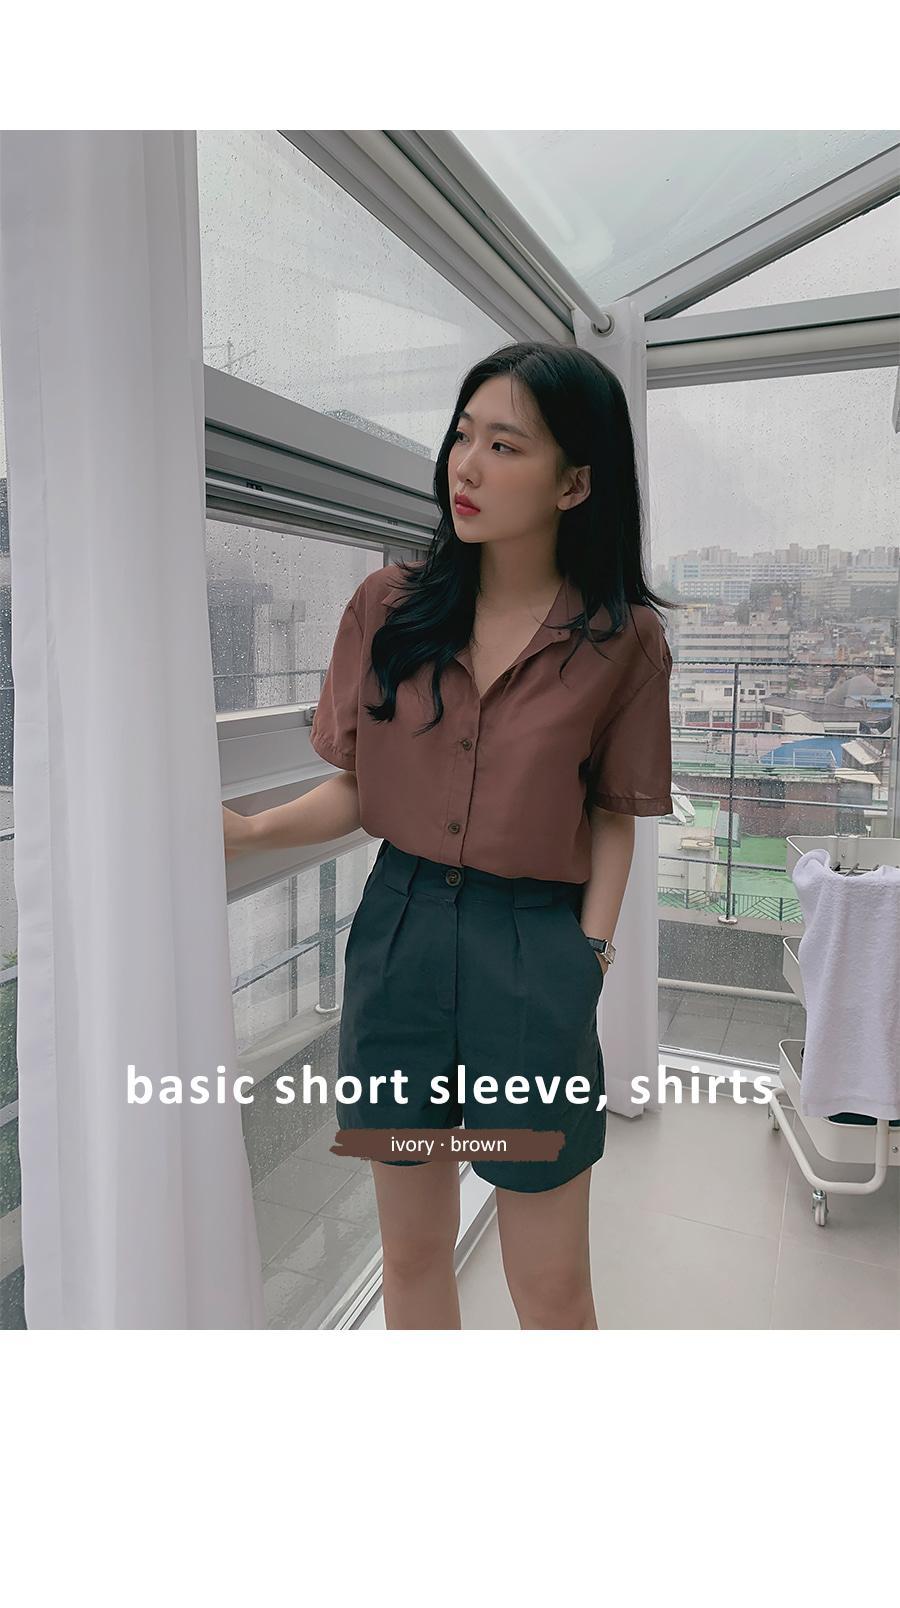 Basic short sleeve shirt